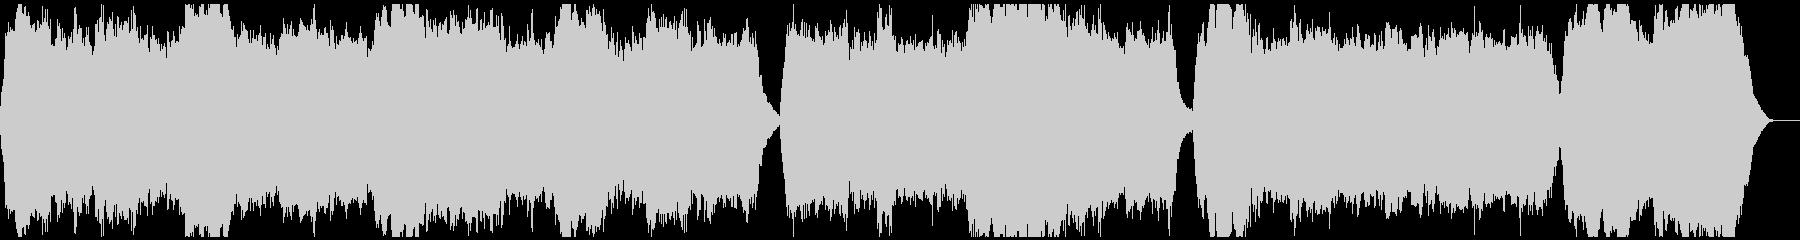 パイプオルガンによる厳粛なハーモニーの未再生の波形